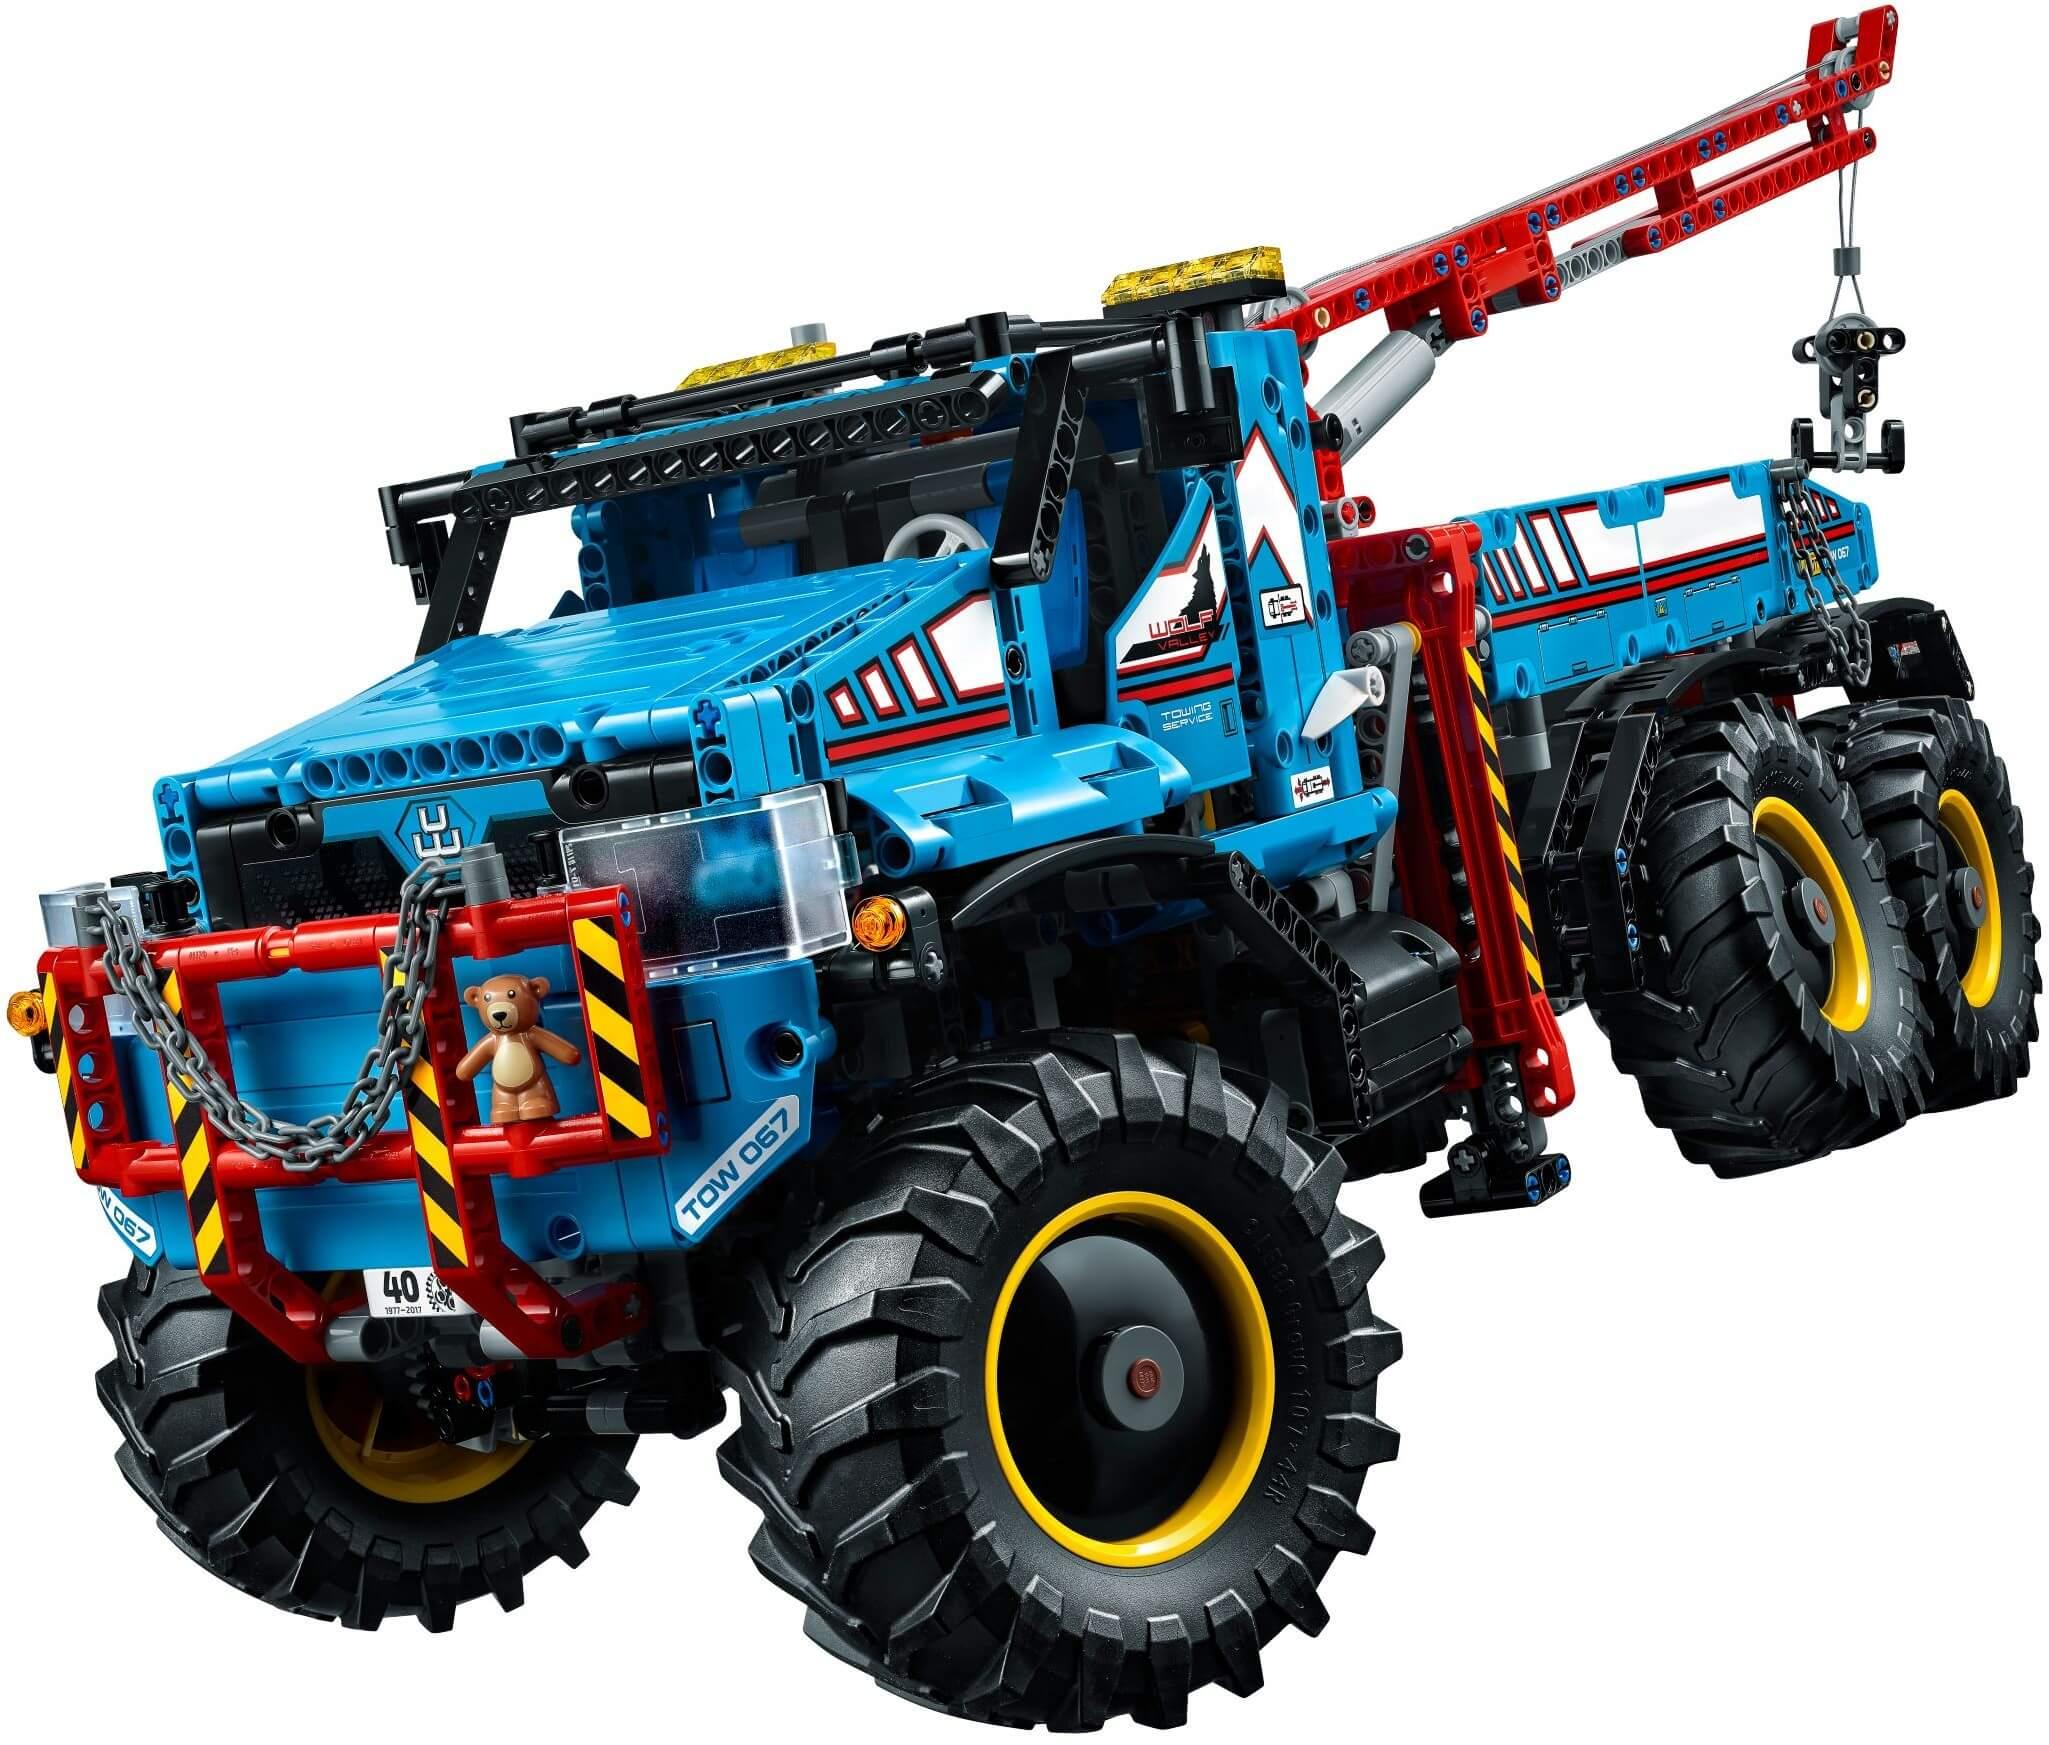 Mua đồ chơi LEGO 42070 - LEGO Technic 42070 - Xe Tải Cẩu 6 Bánh Điều Khiển Từ Xa (LEGO Technic 6x6 All Terrain Tow Truck)